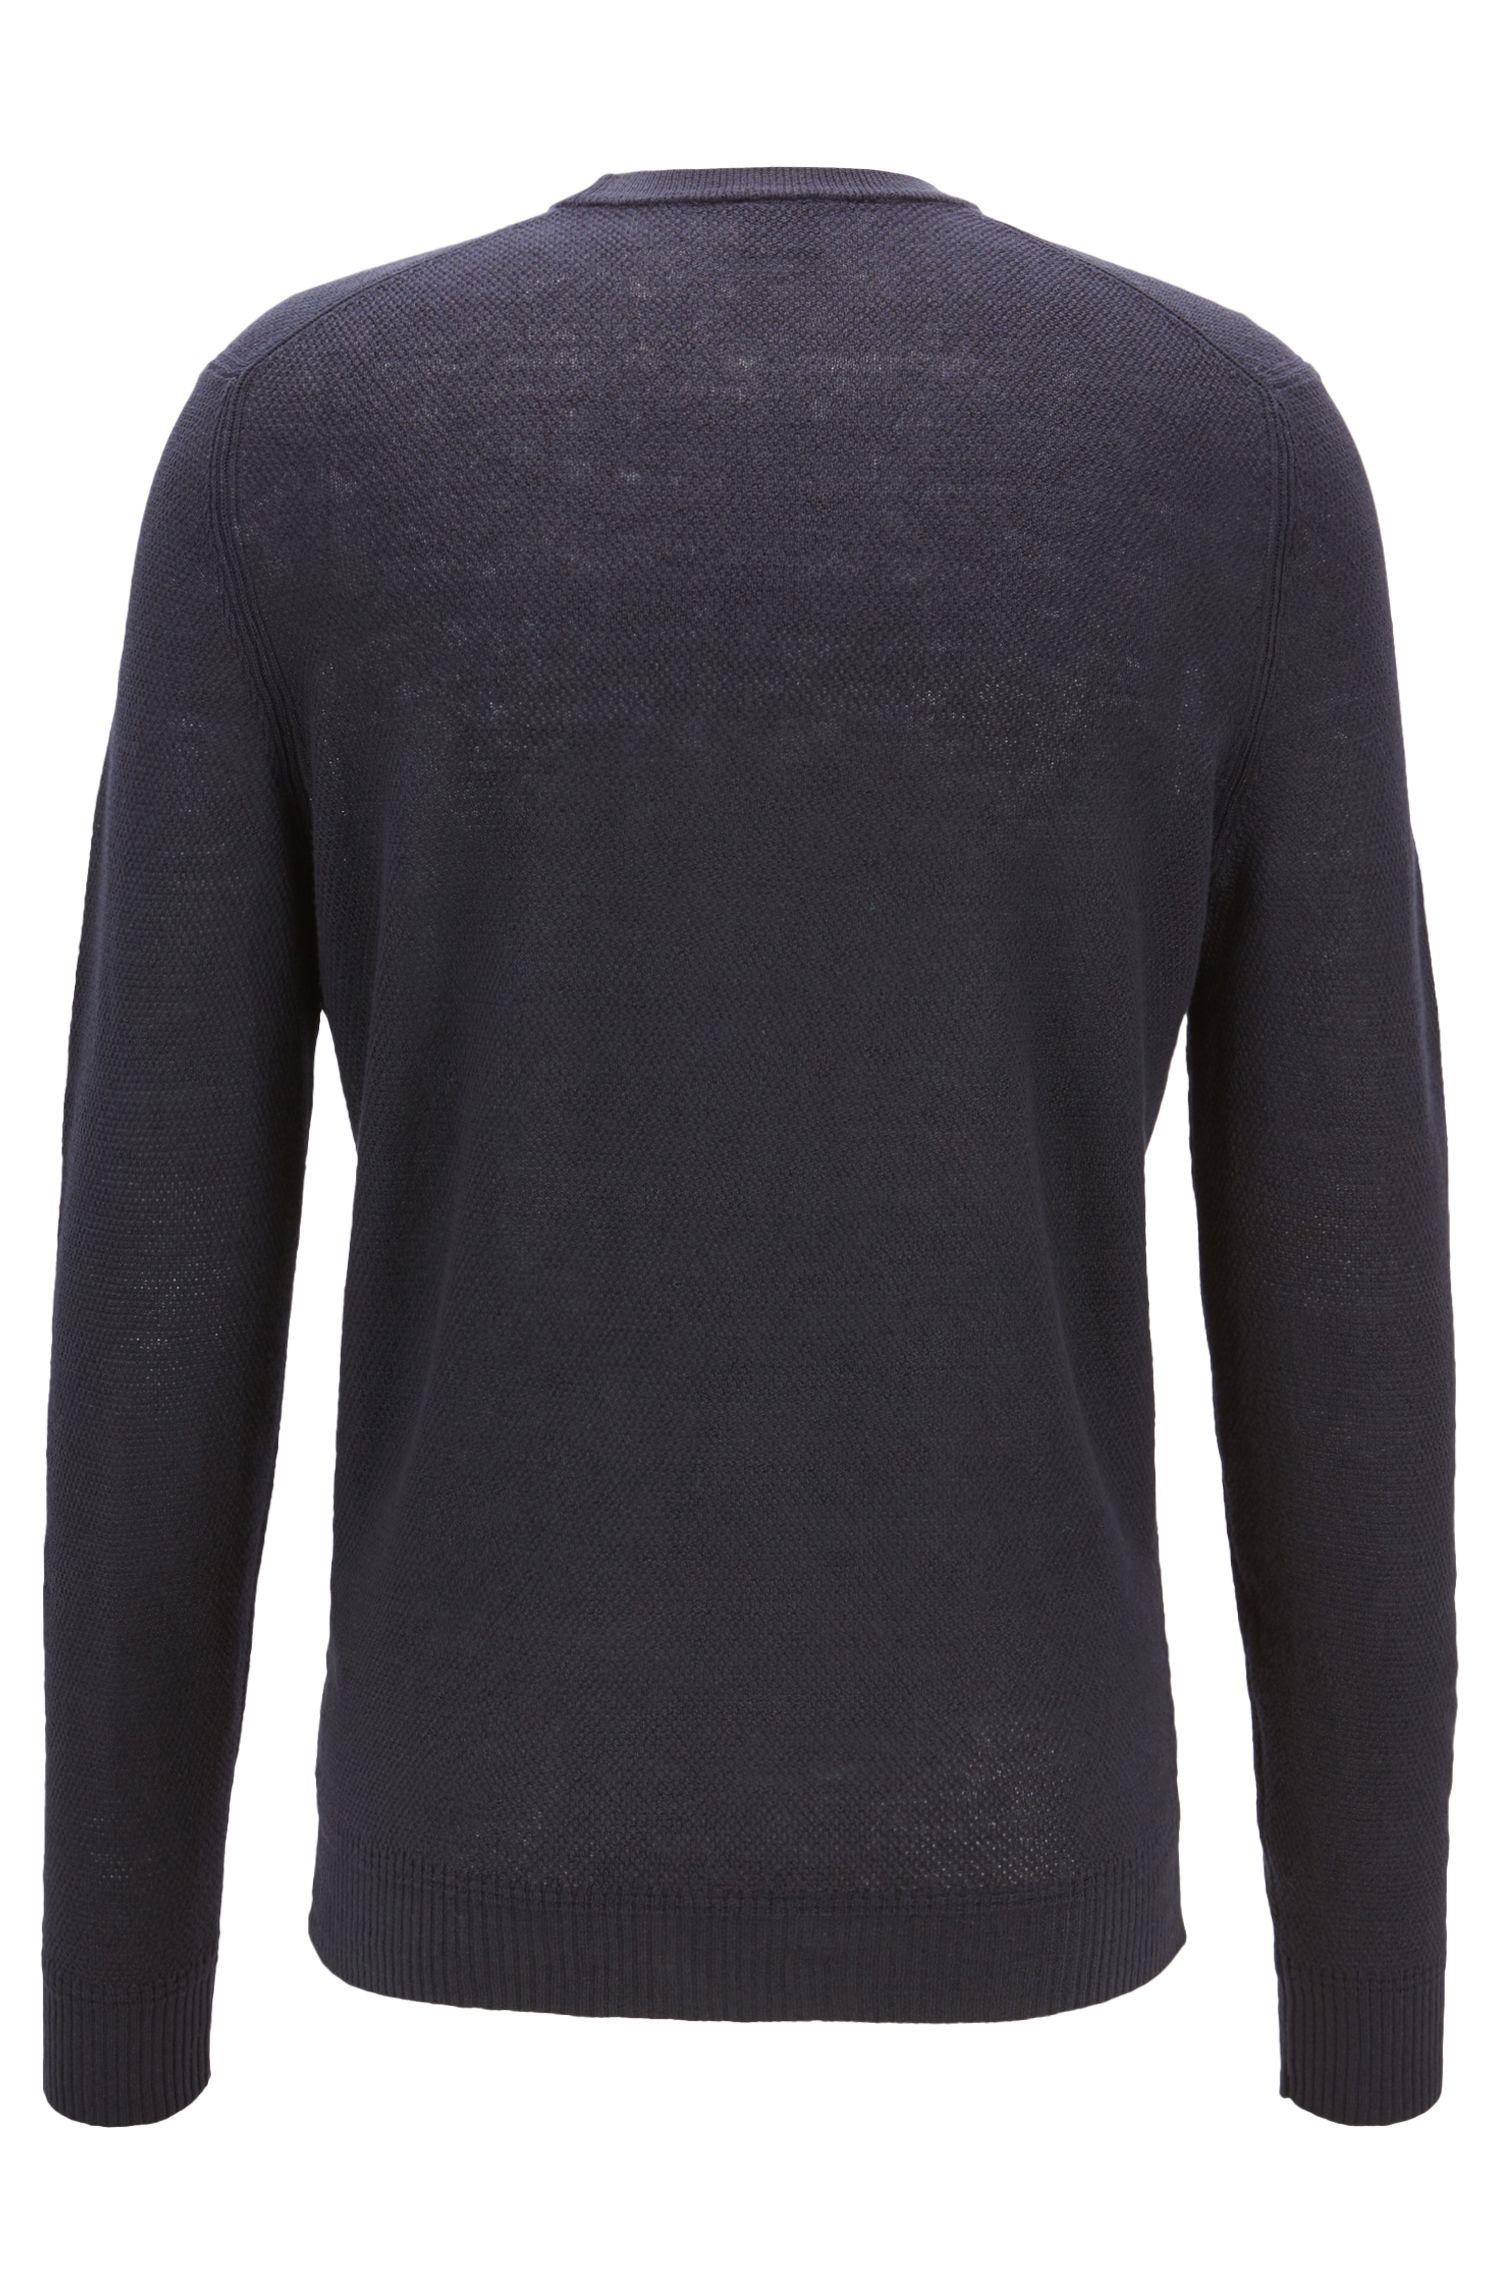 Maglione regular fit con logo sul petto, Blu scuro